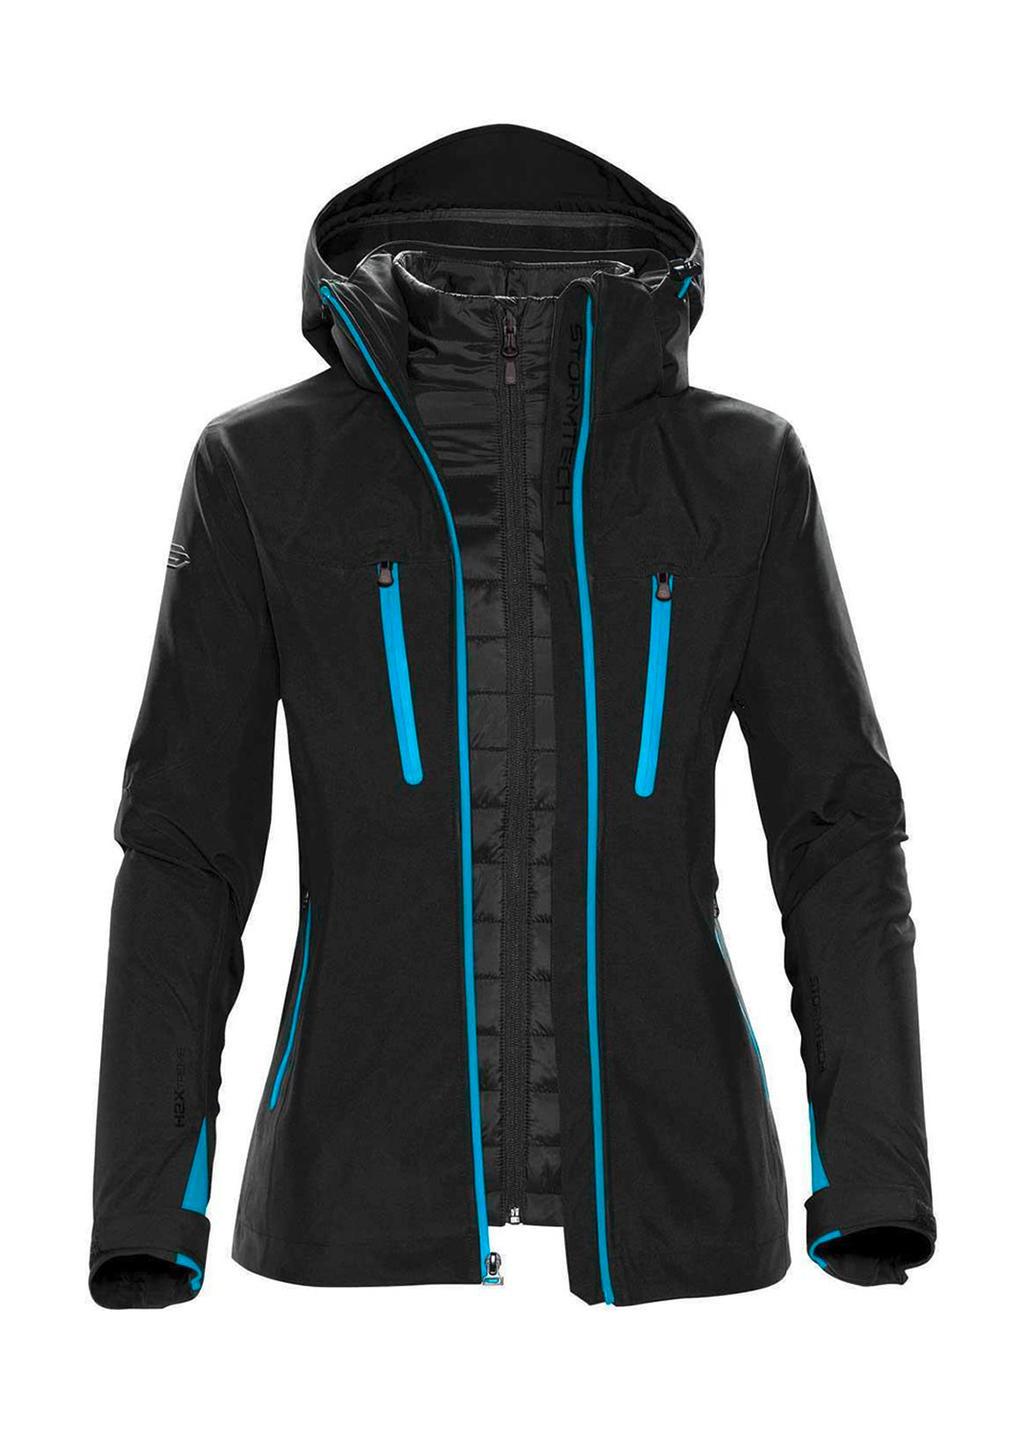 Women's Matrix System Jacket